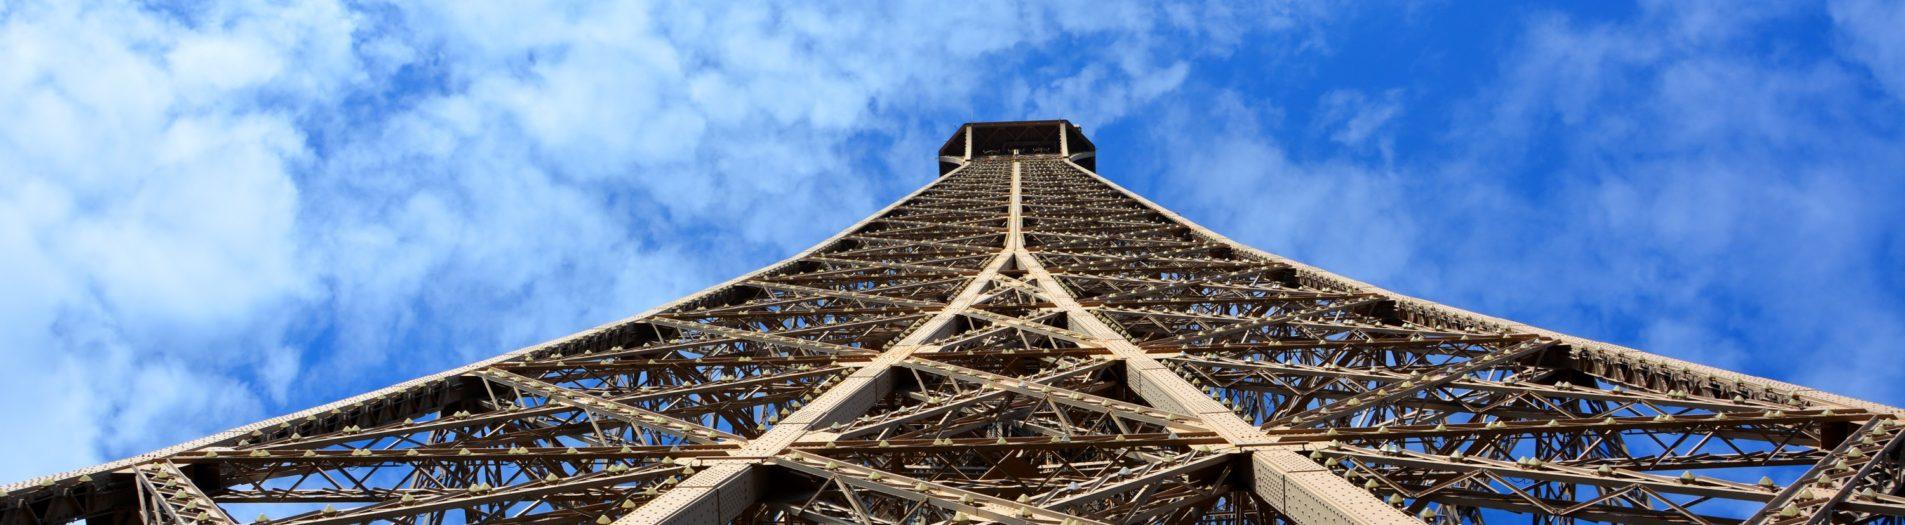 Paris by 360°